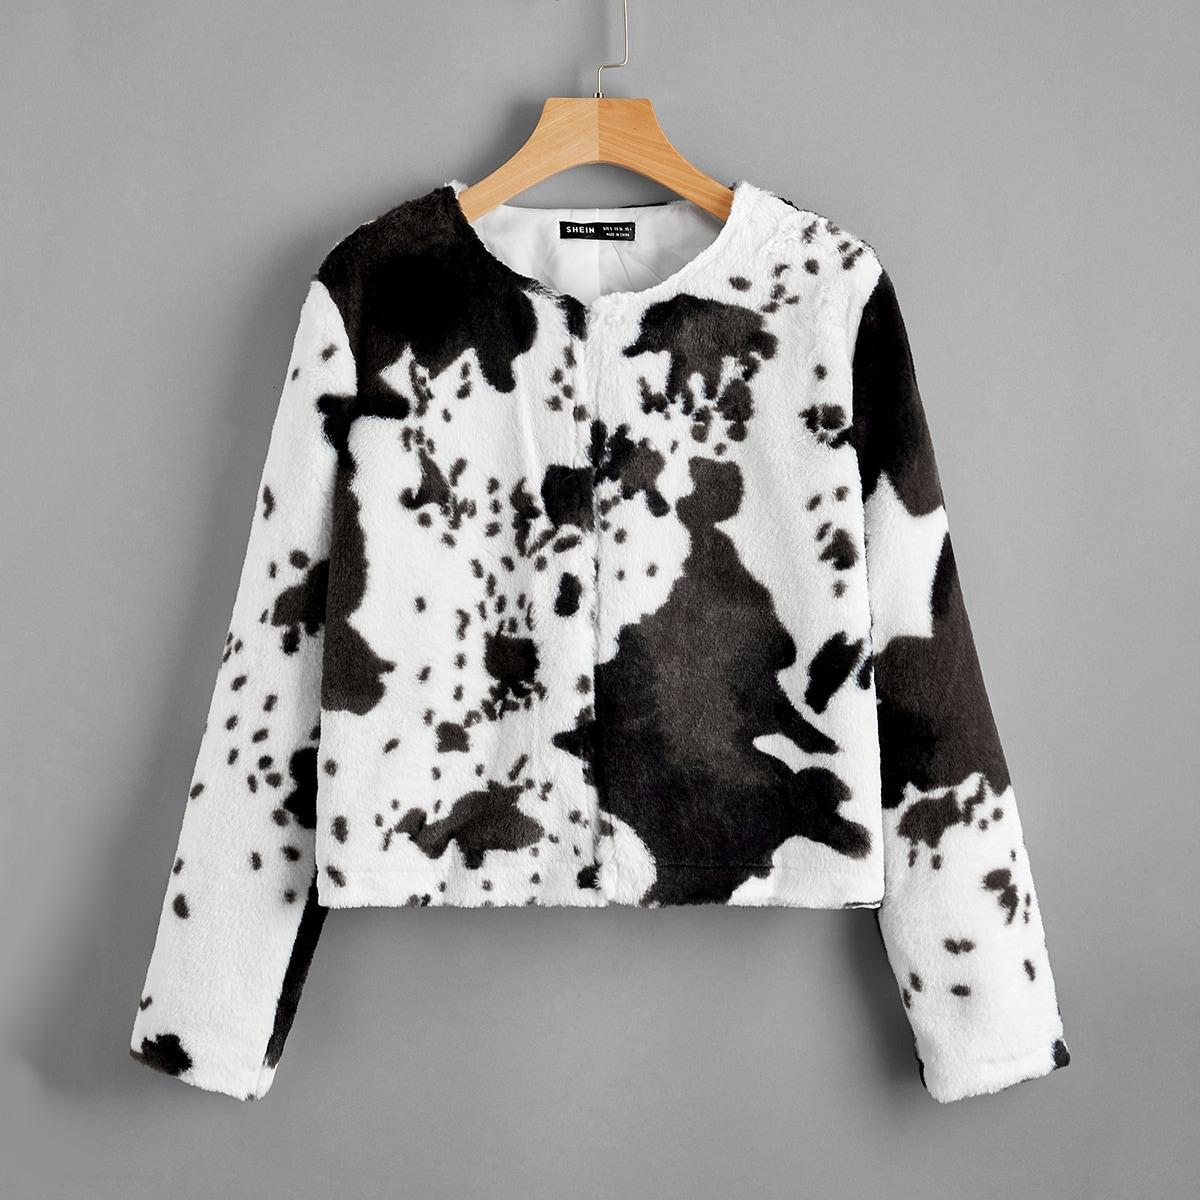 Пальто из искусственного меха с коровьим рисунком